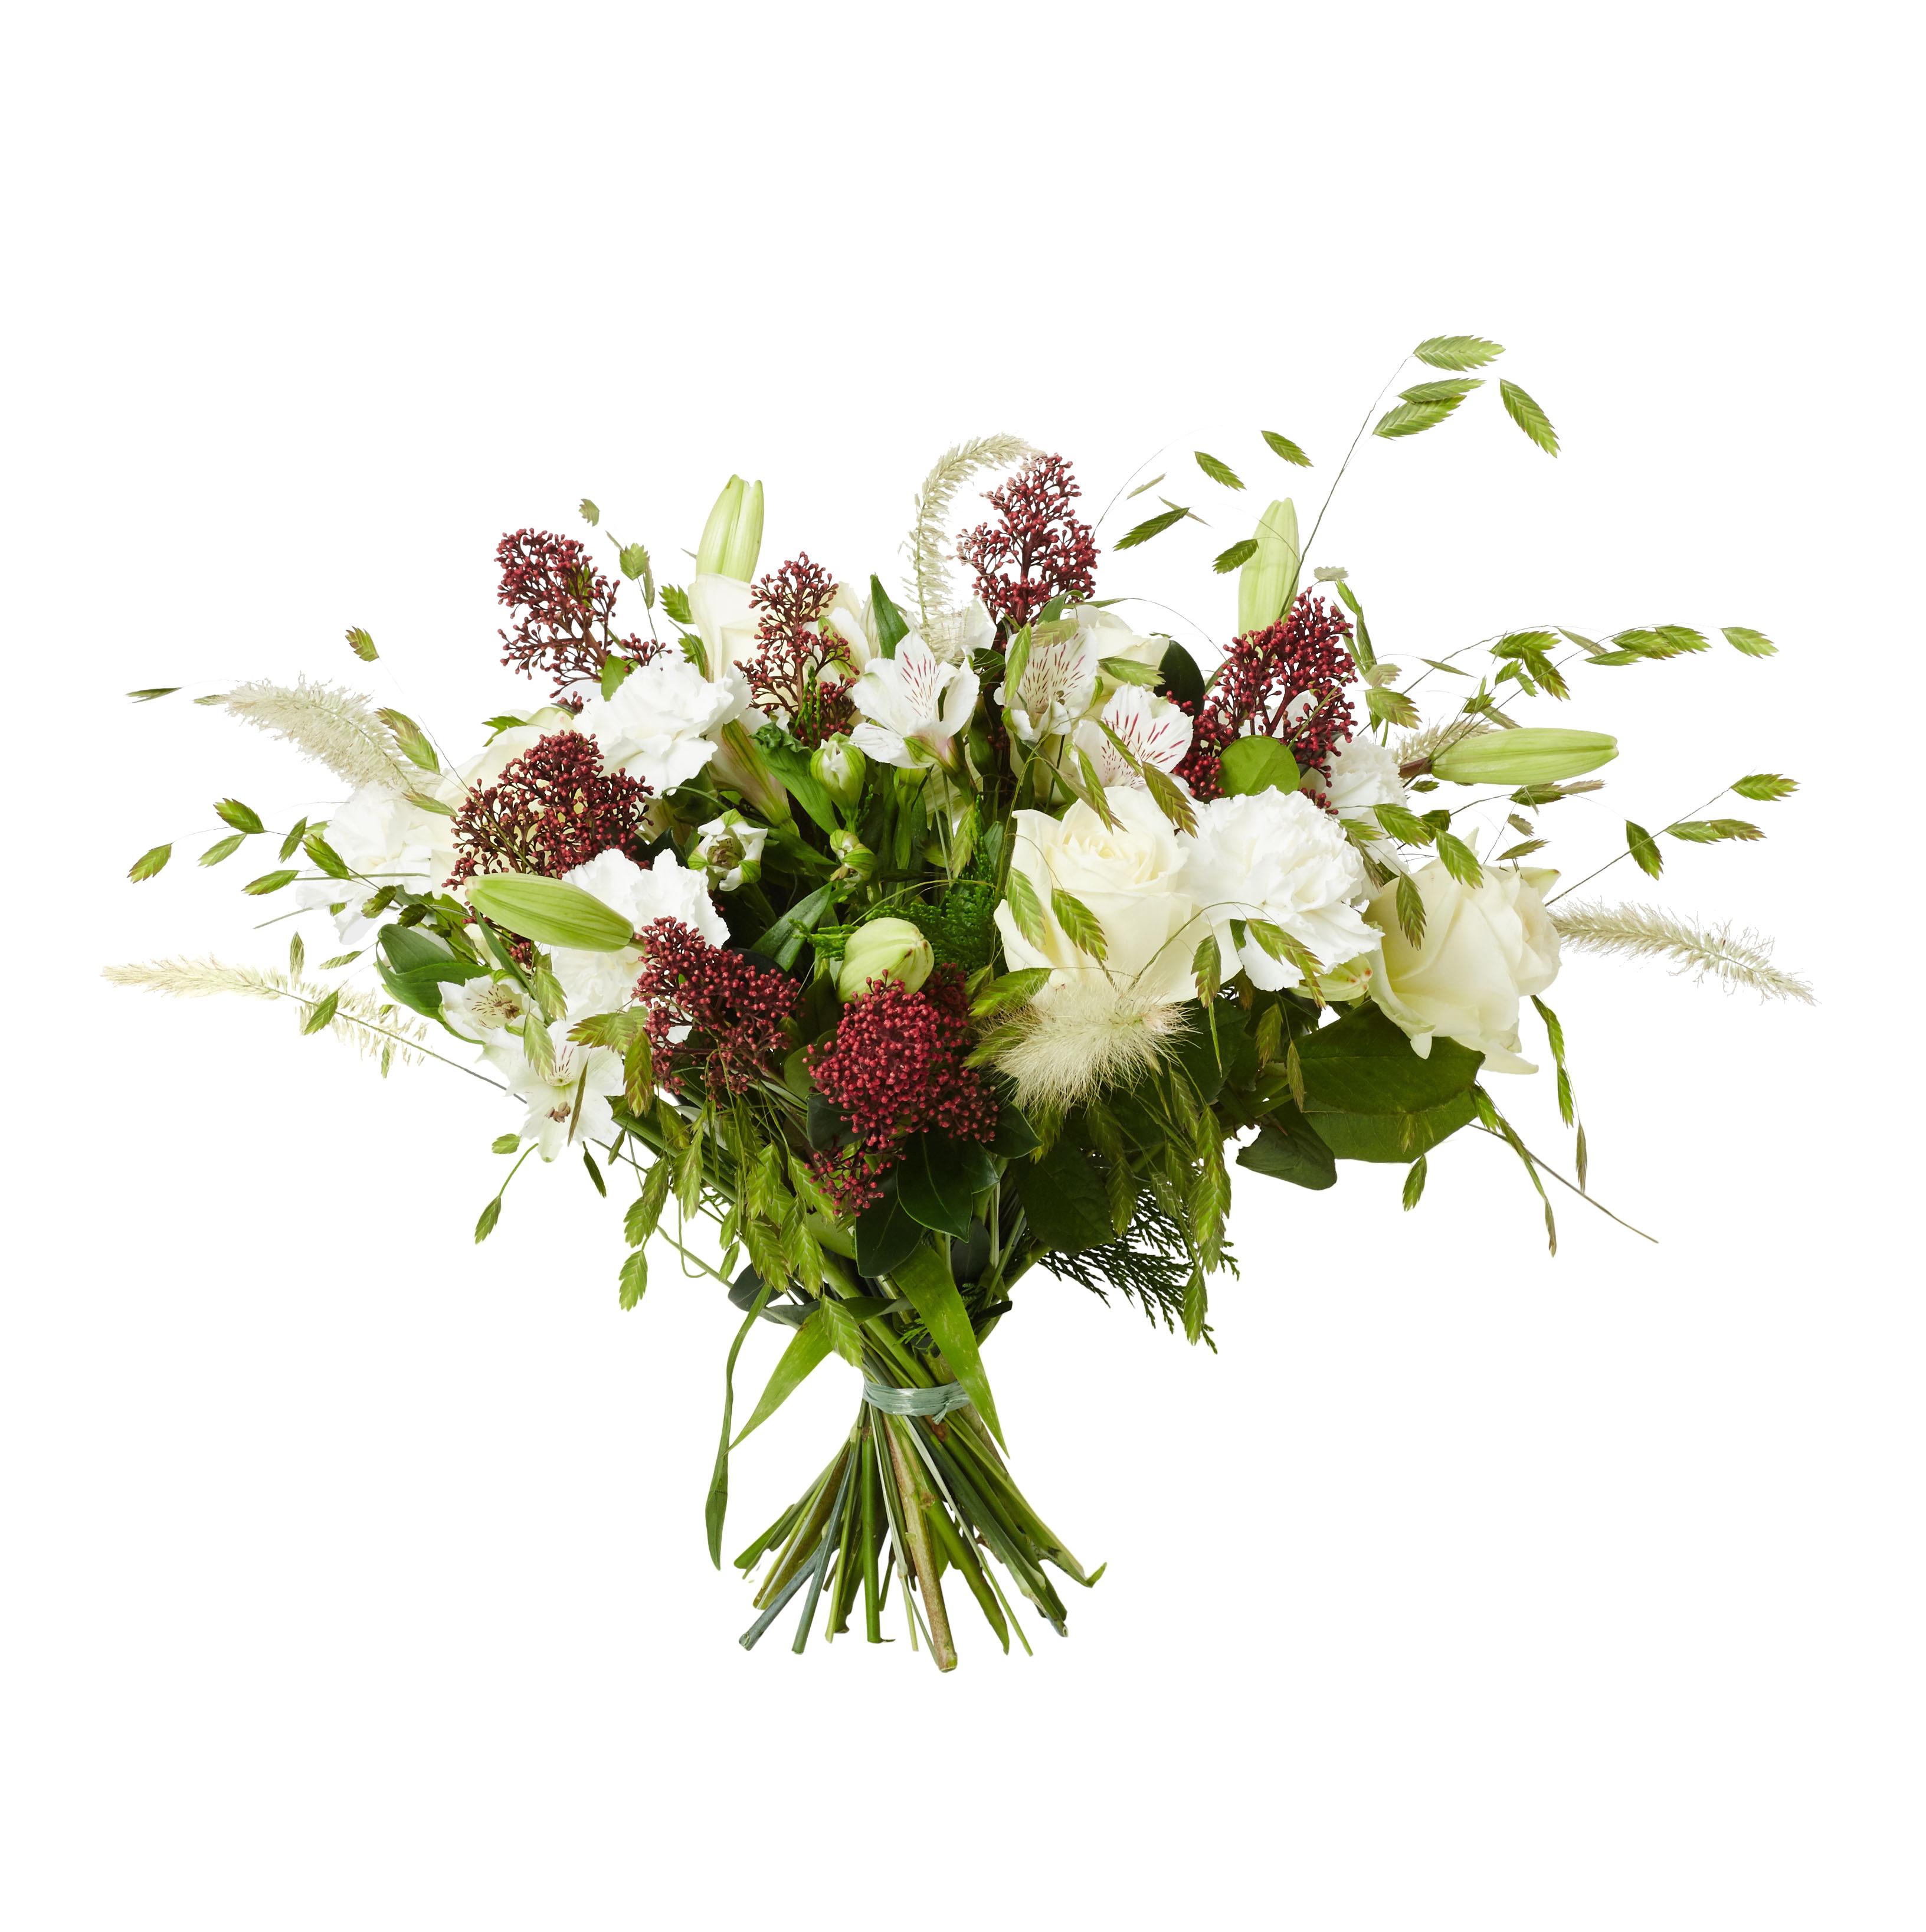 Bunden vacker vasbukett med begravningsblommor i rosor,nejlikor,liljor,skimma och skira strån. Sorgbuketten är till största del grön men även vit och lite röd.